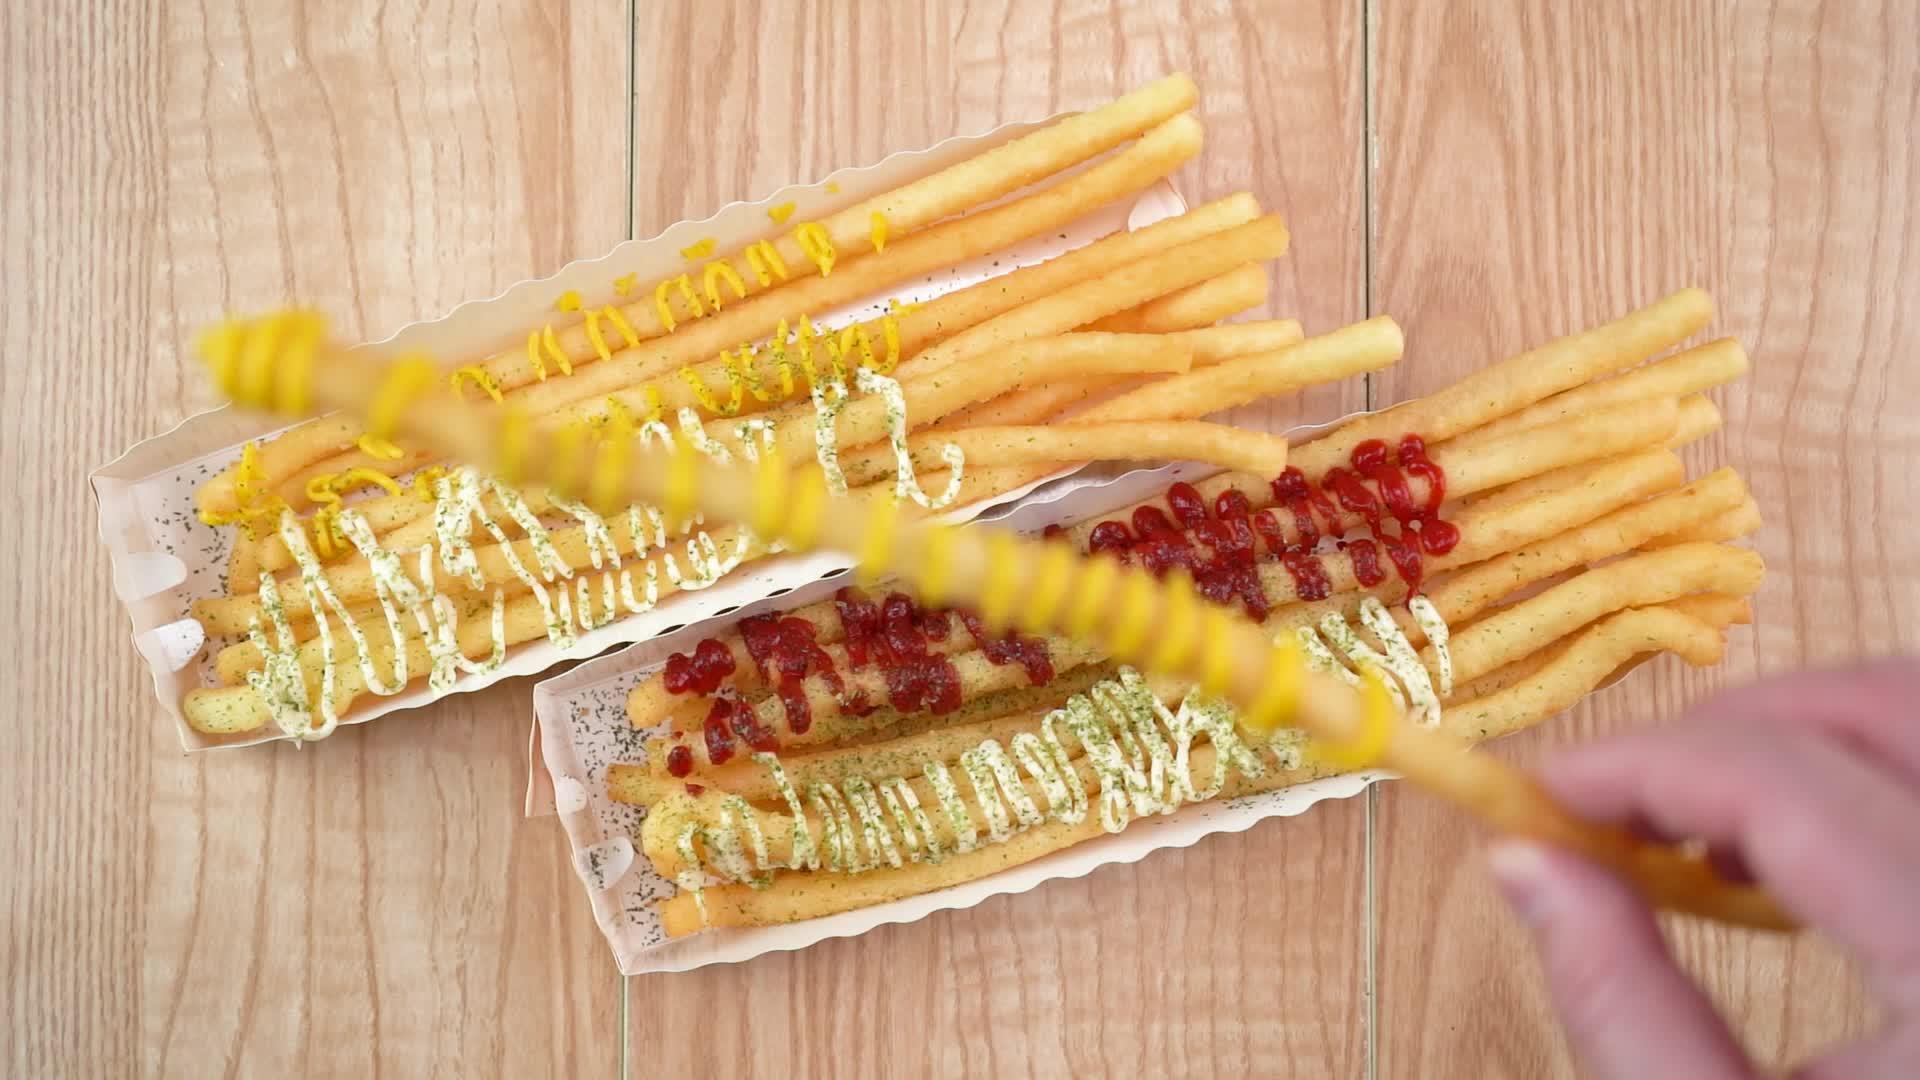 春日美食家,如何将仅剩的土豆,做成30厘米超长的网红薯条?!!